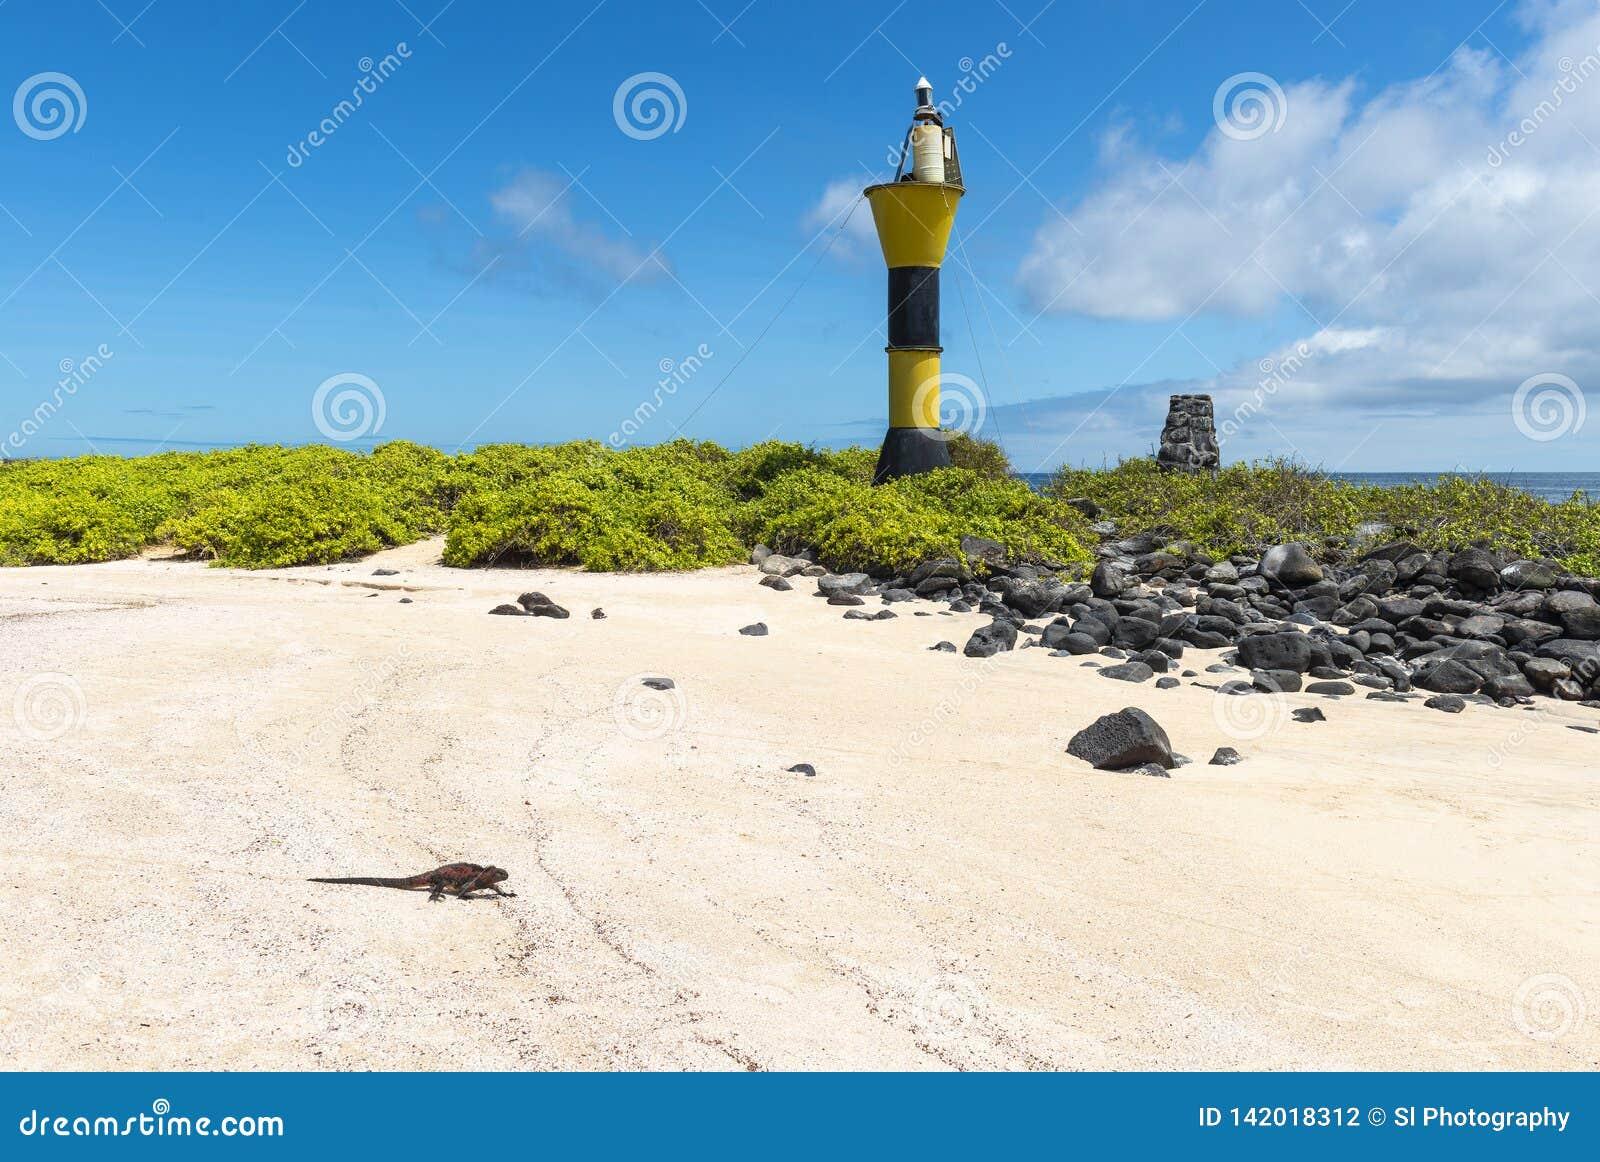 Farol na ilha de Espanola, Galápagos, Equador